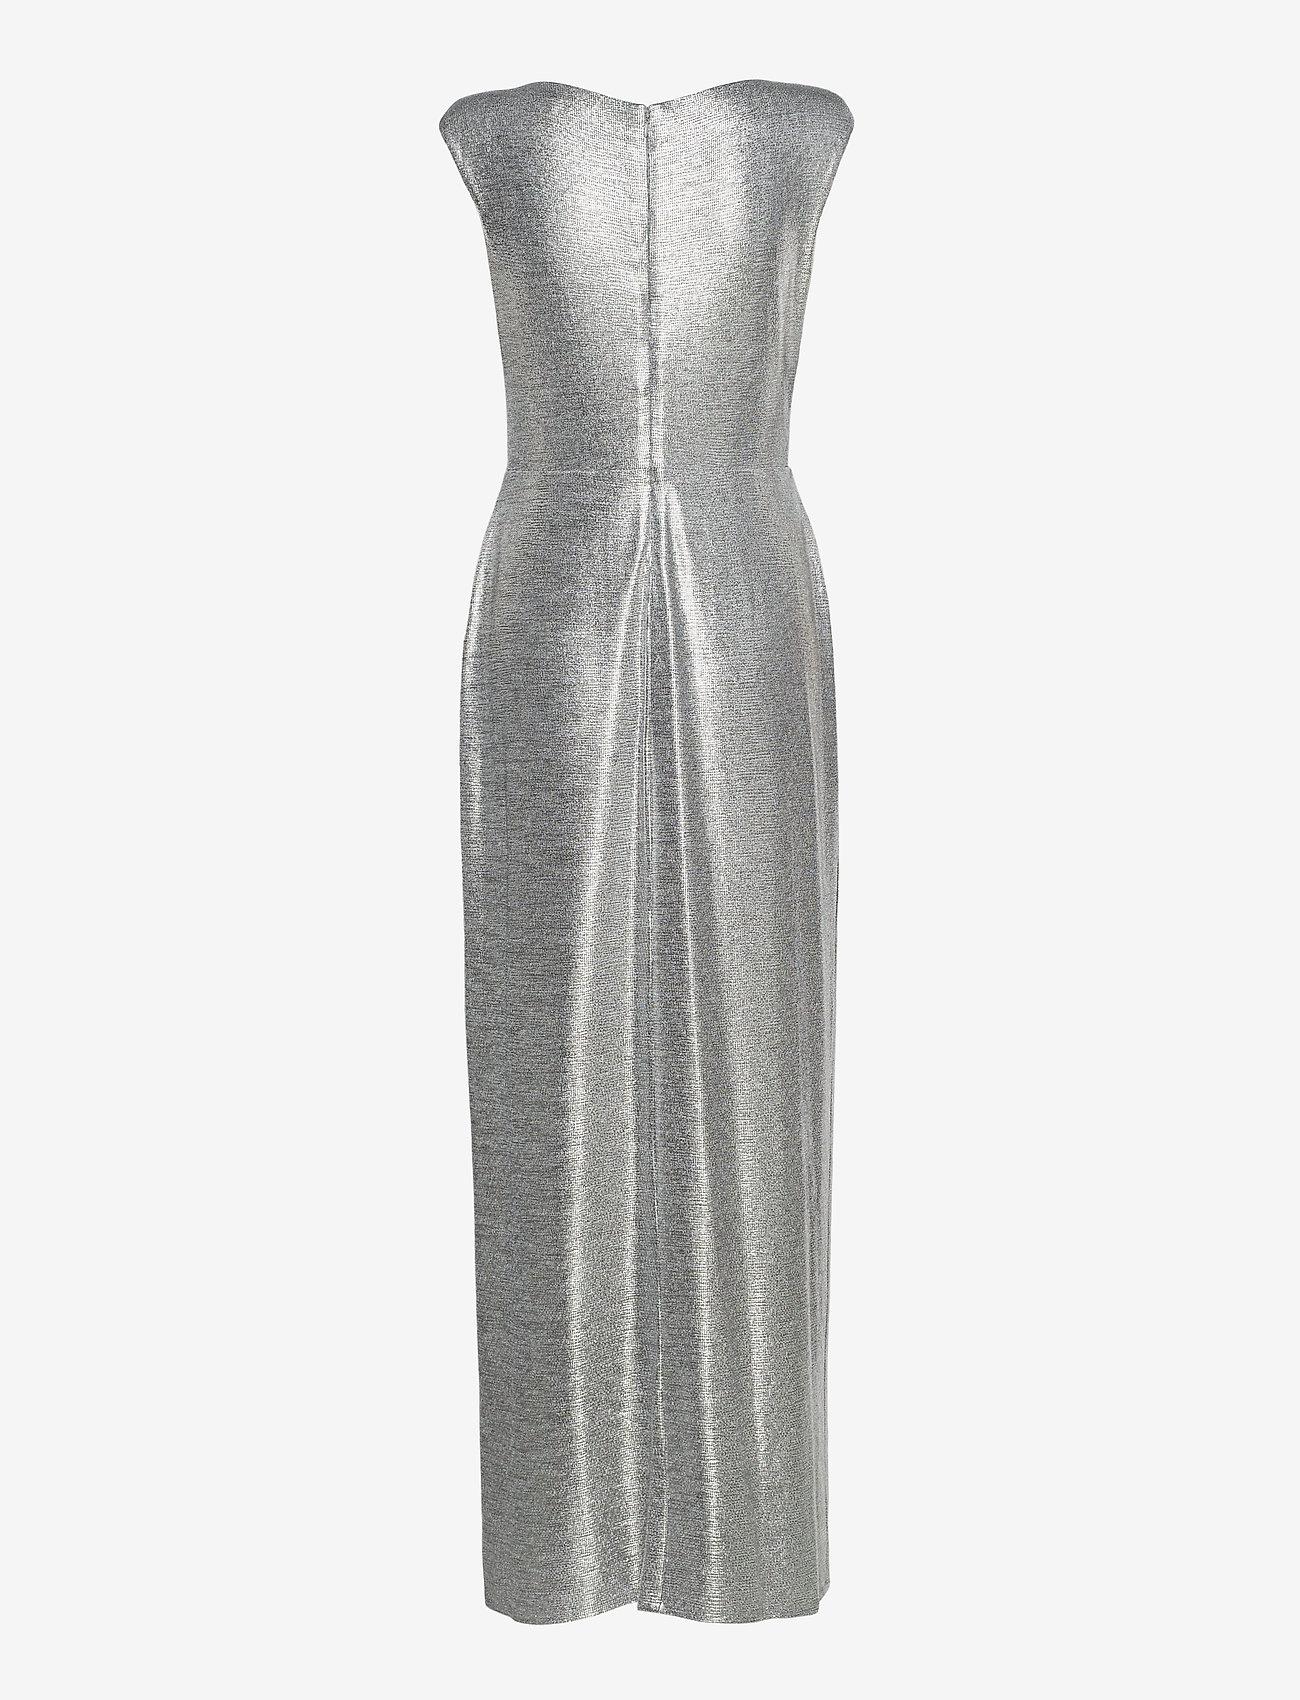 Lauren Ralph Lauren - Ruffle-Trim Metallic Gown - aftenkjoler - dark grey/silver - 1